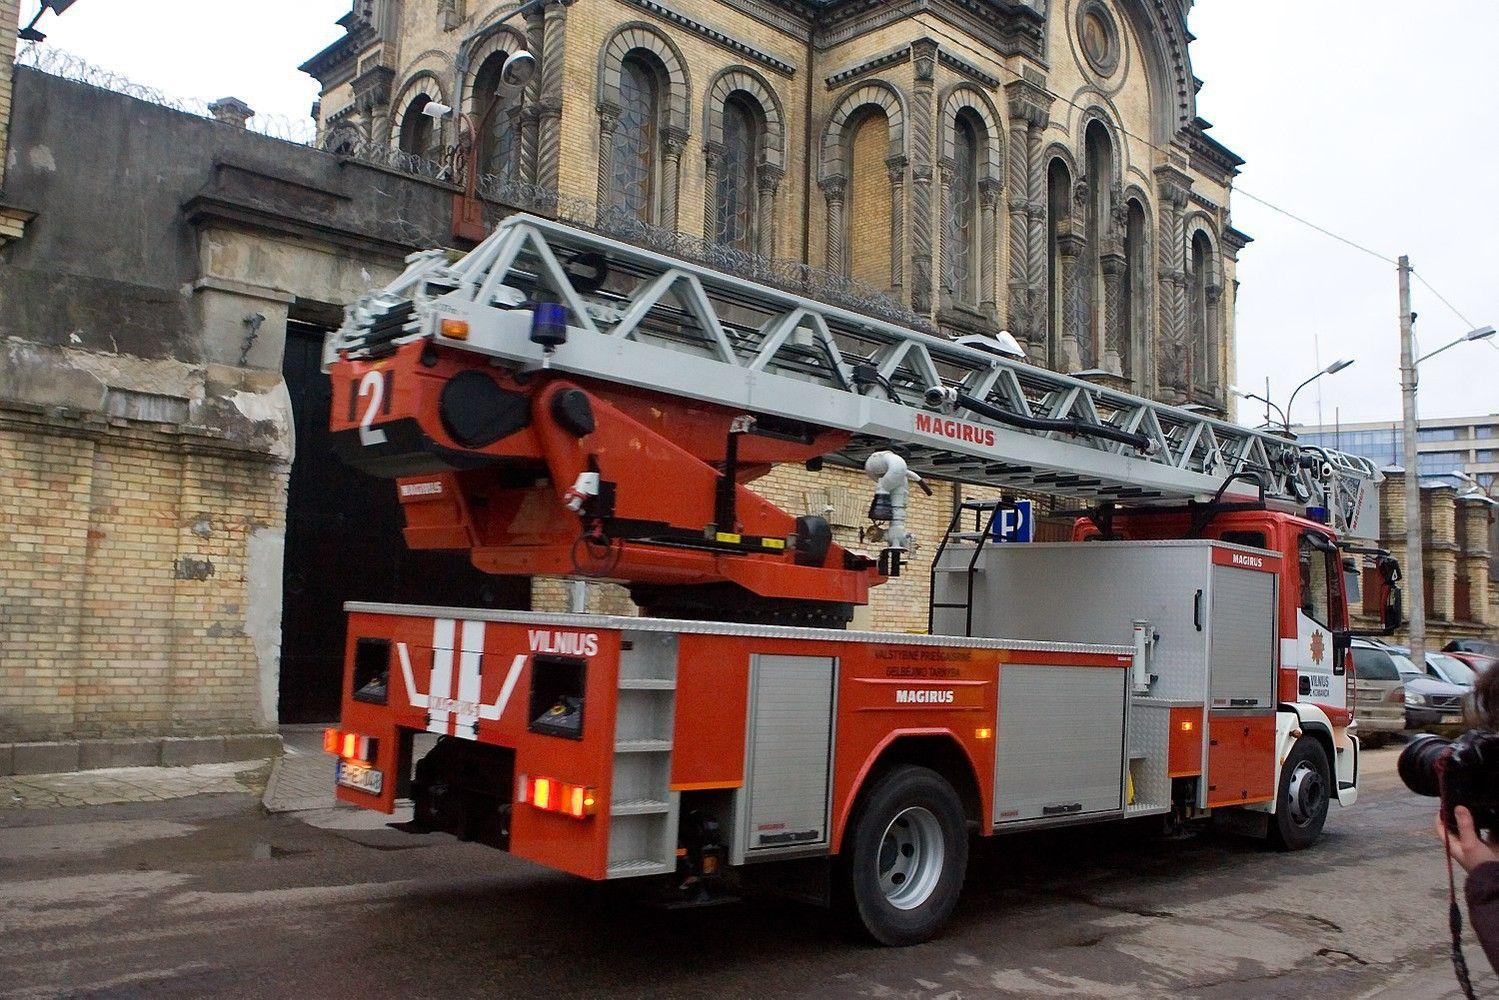 Prokurorų prašoma patikrinti įtarimus dėl ugniagesių kopėčių įsigijimo